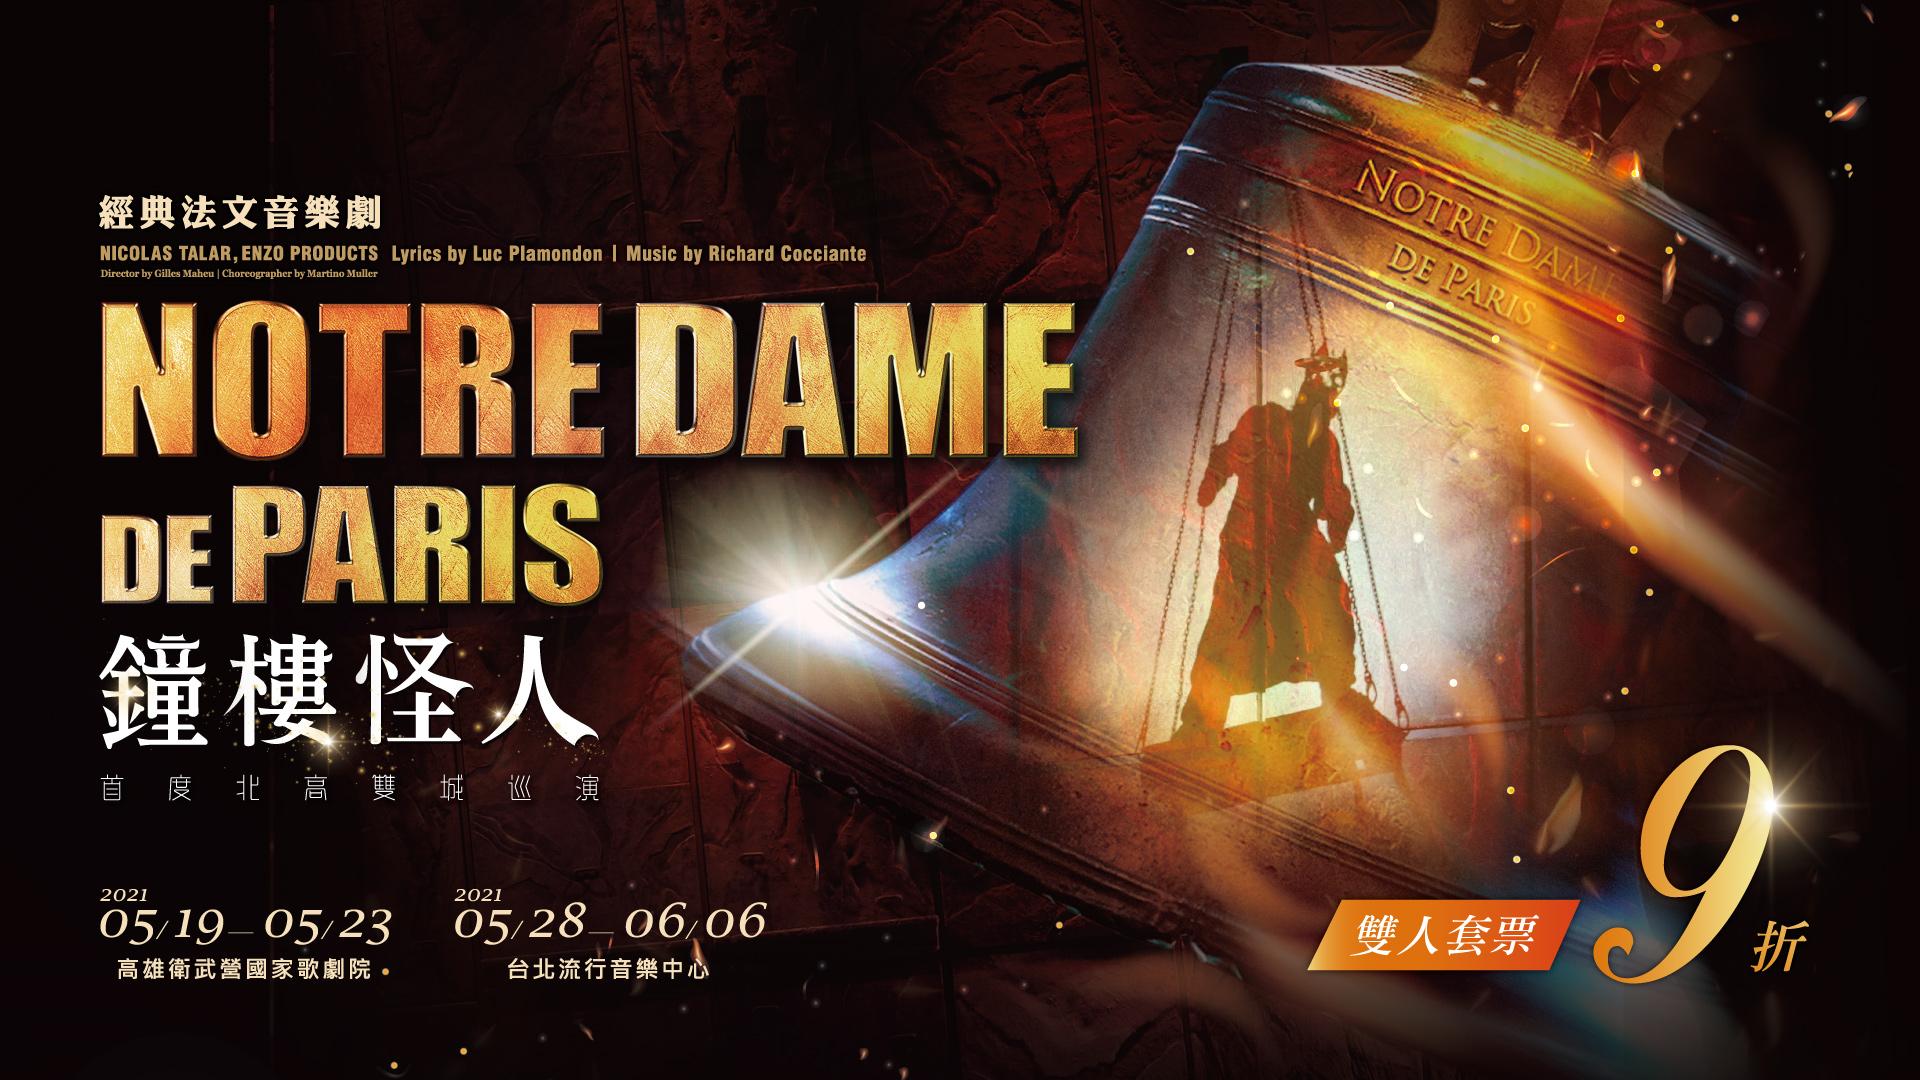 經典法文音樂劇《鐘樓怪人》